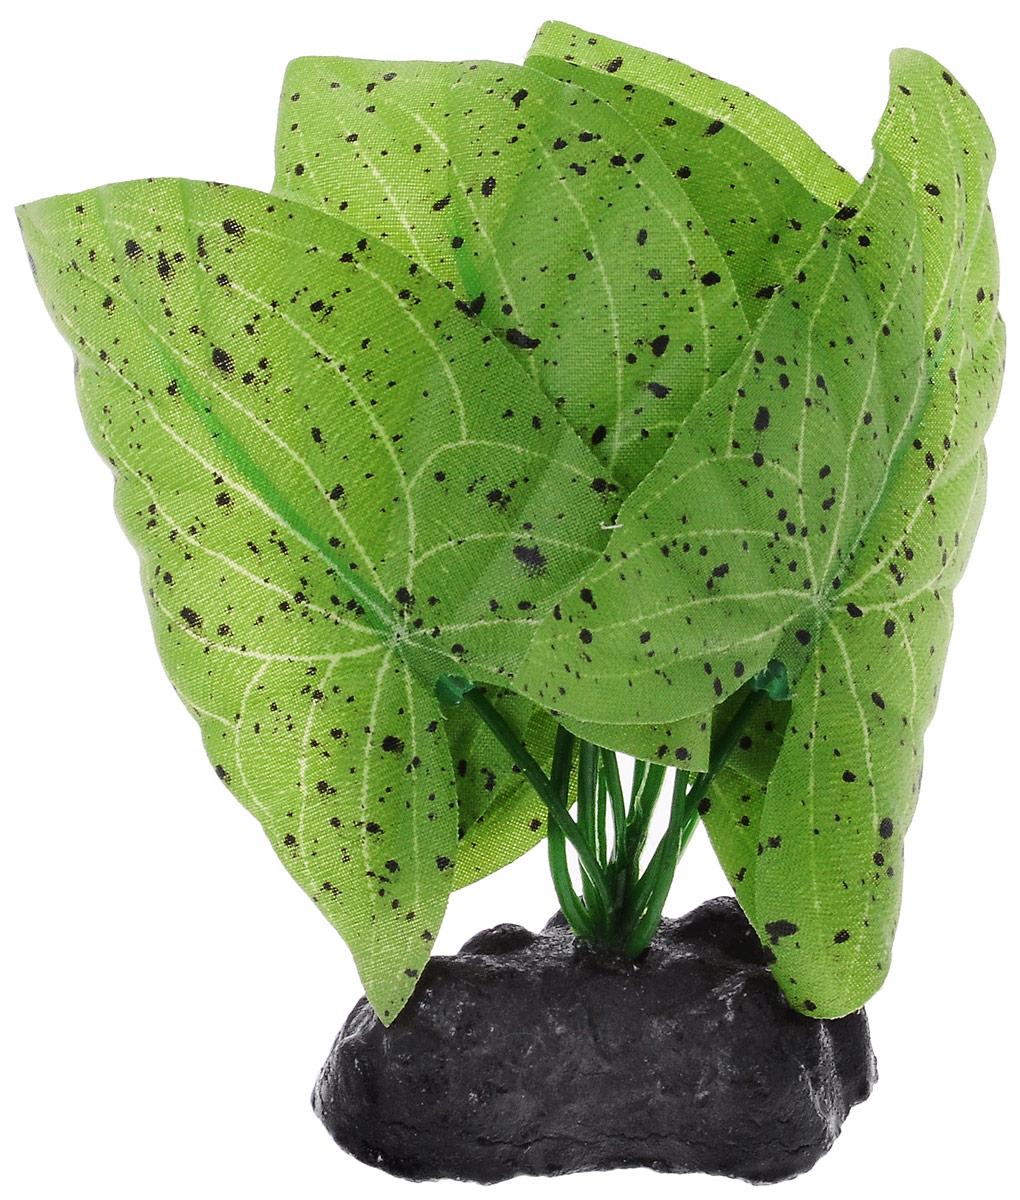 Растение для аквариума Barbus Нимфея пятнистая, шелковое, высота 10 смPlant 054/10Растение для аквариума Barbus Нимфея пятнистая, выполненное из качественного шелка, станет оригинальным украшением вашего аквариума. В воде создается абсолютная имитация живого растения. Можно использовать в любой воде: пресной или морской. Изделие безопасно, не токсично, нейтрально к водному балансу, устойчиво к истиранию краски. Растение Barbus поможет вам смоделировать потрясающий пейзаж на дне вашего аквариума или террариума. Высота растения: 10 см.